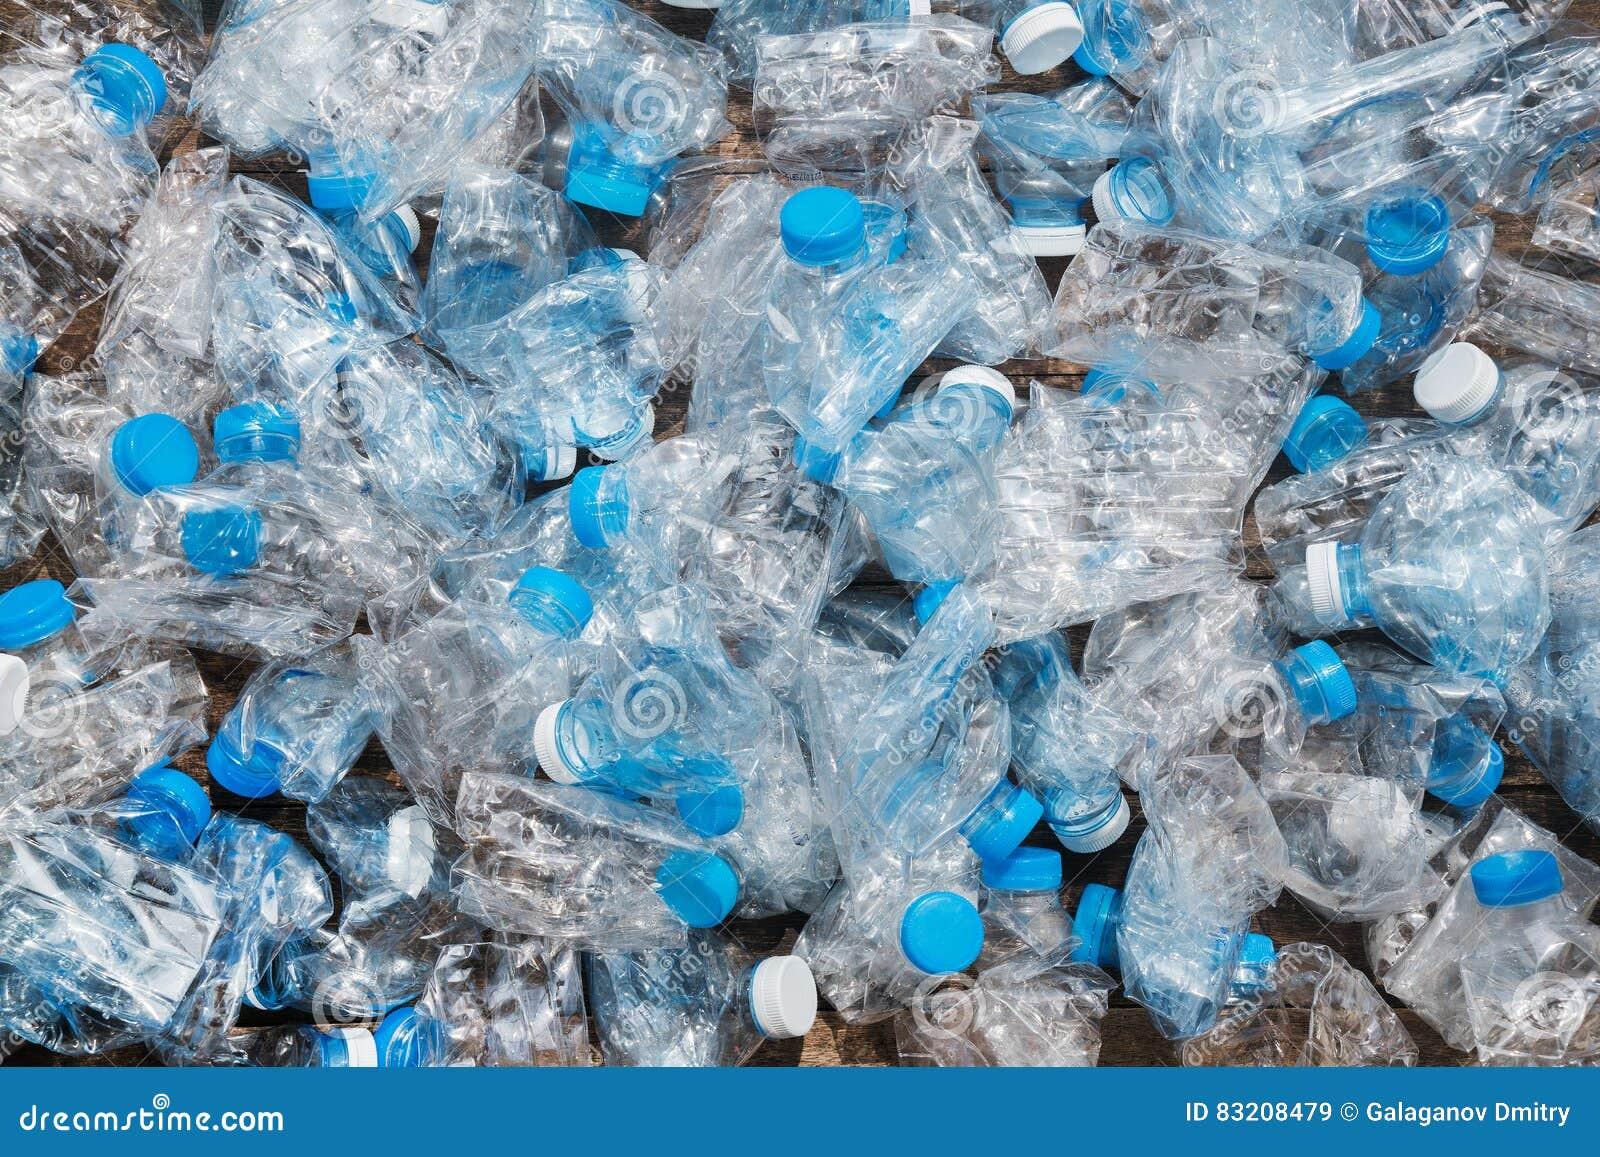 Riciclaggio del concetto problema di ecologia, inquinamento ambientale Fondo della rete blu trasparente delle bottiglie di plasti